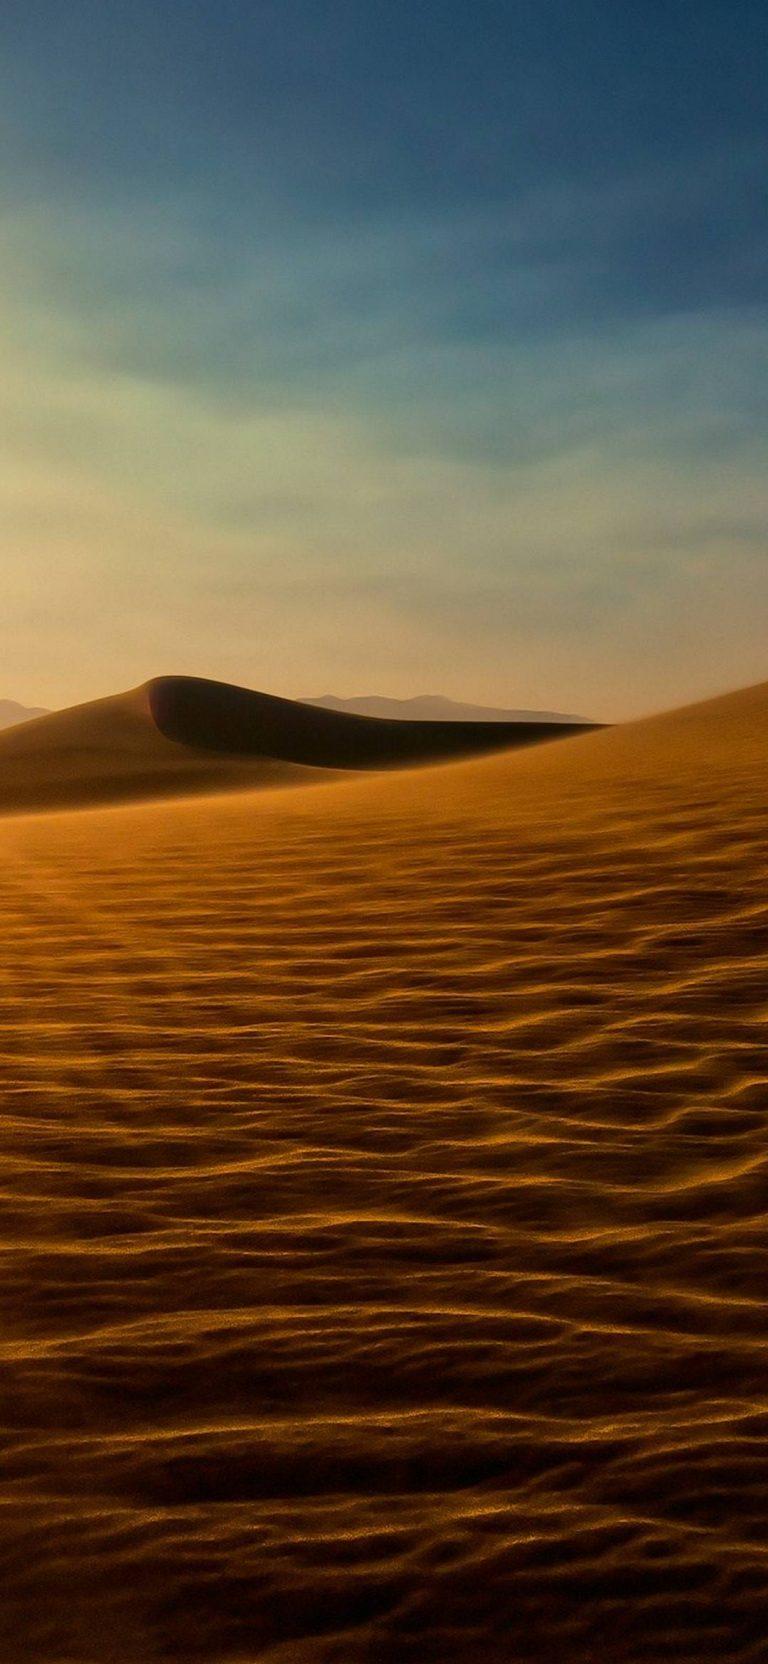 Desert Sun Sand 1080x2340 768x1664